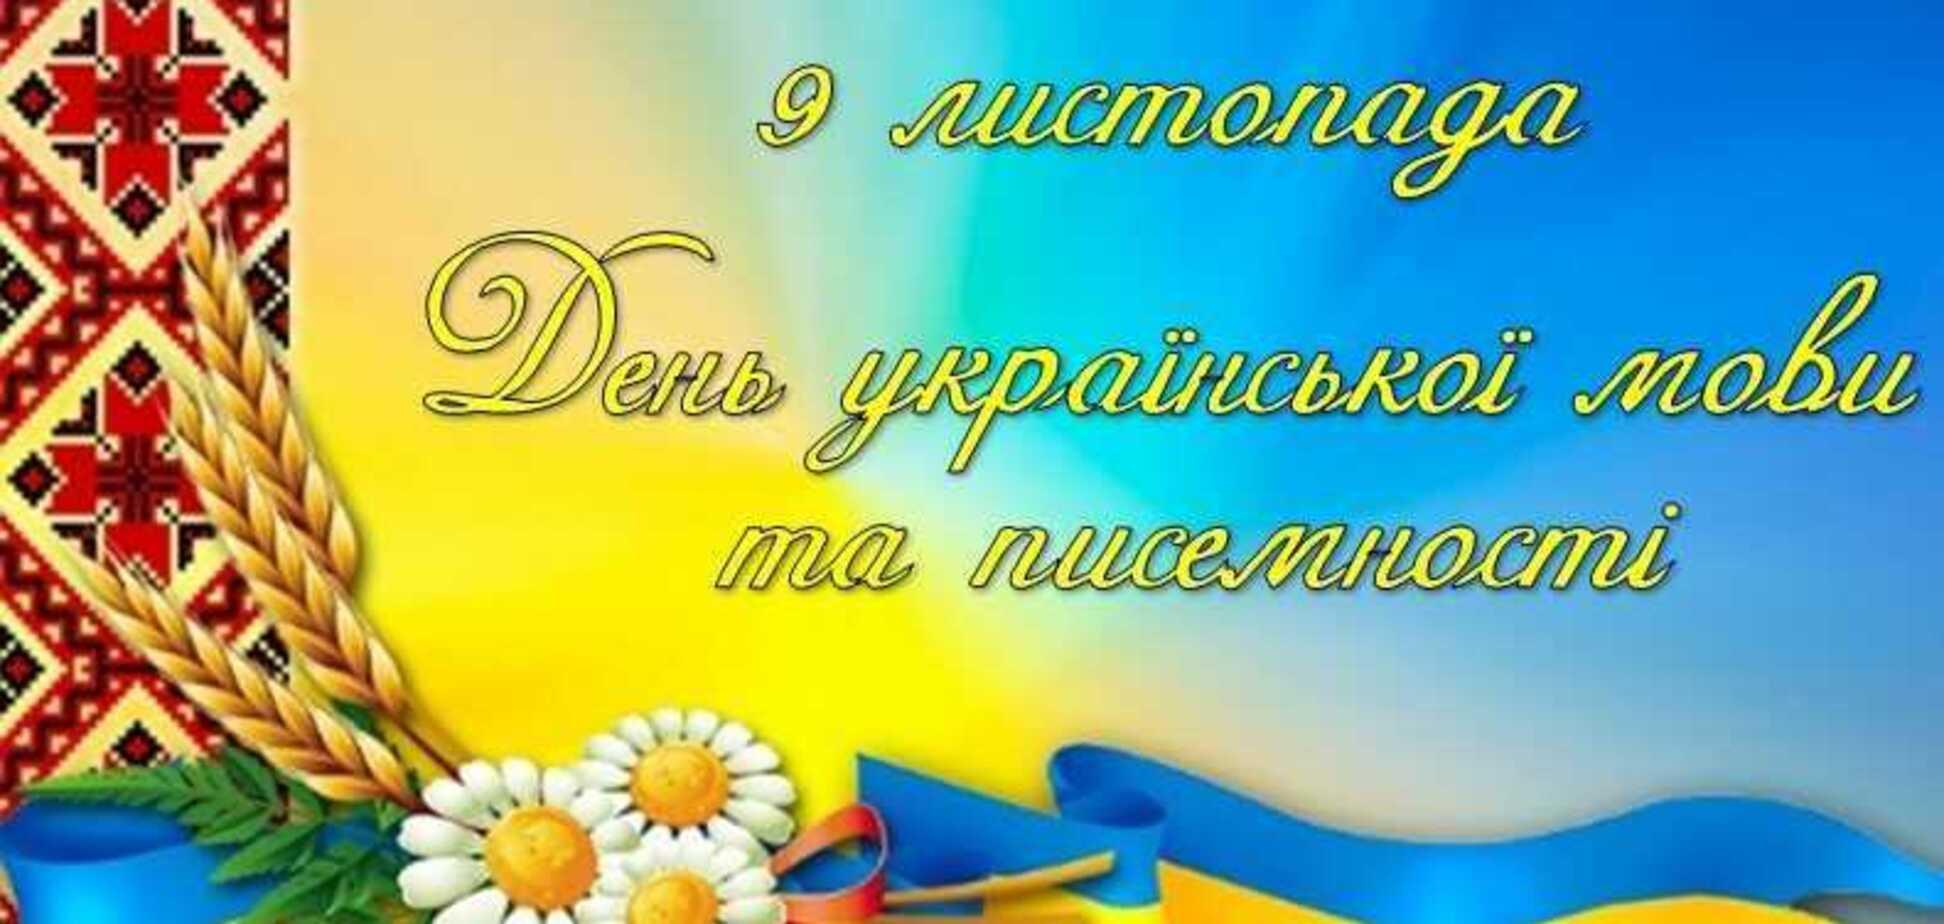 День украинской письменности и языка: что это за праздник – 9 ноября